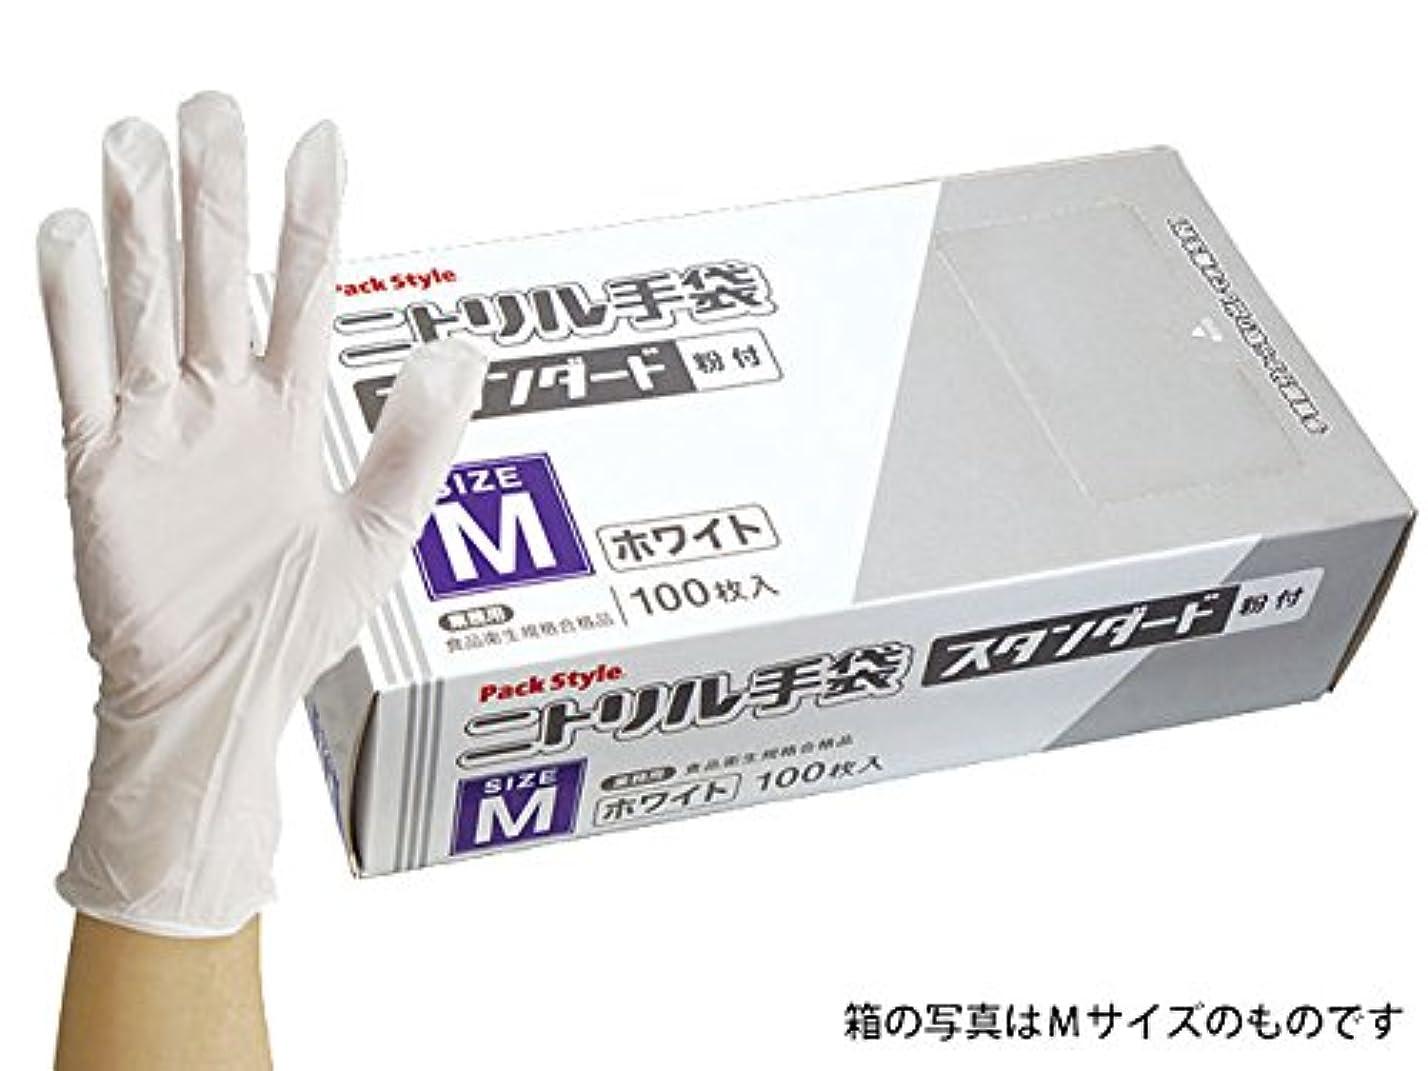 発生するピルファーフィクションパックスタイル 業務用 使い捨て ニトリル手袋 スタンダード 白?粉付 S 3000枚 00531606